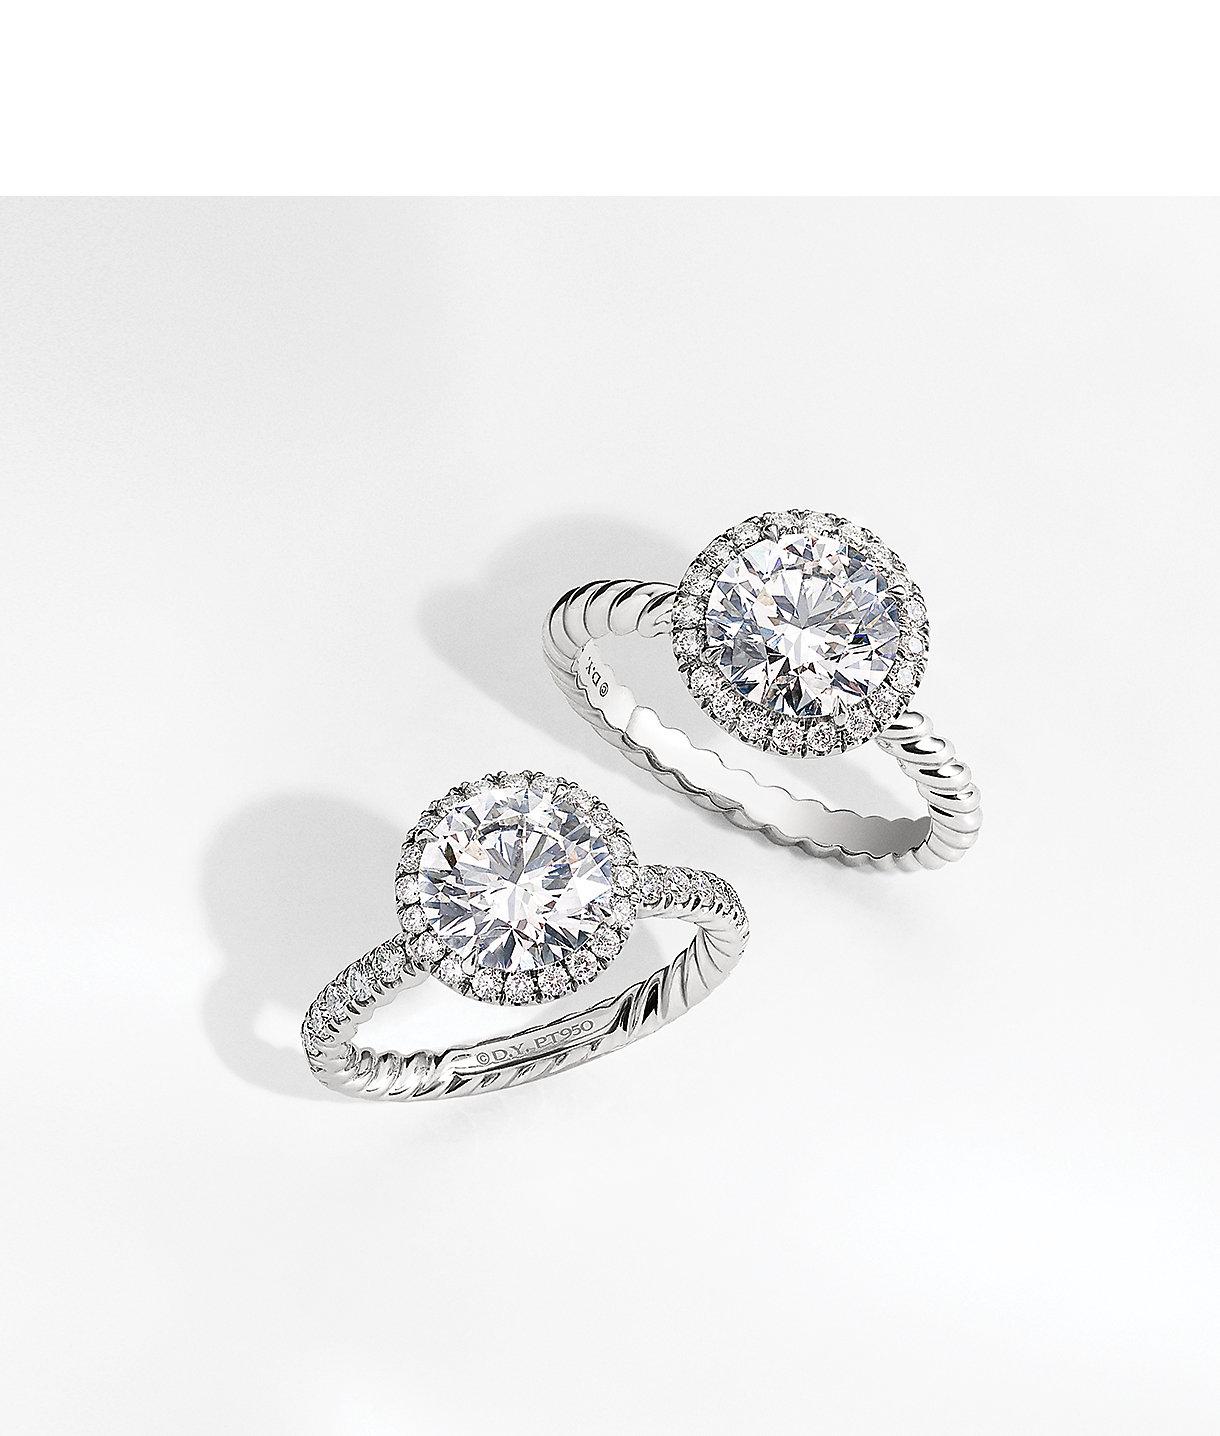 铂金和钻石订婚戒指